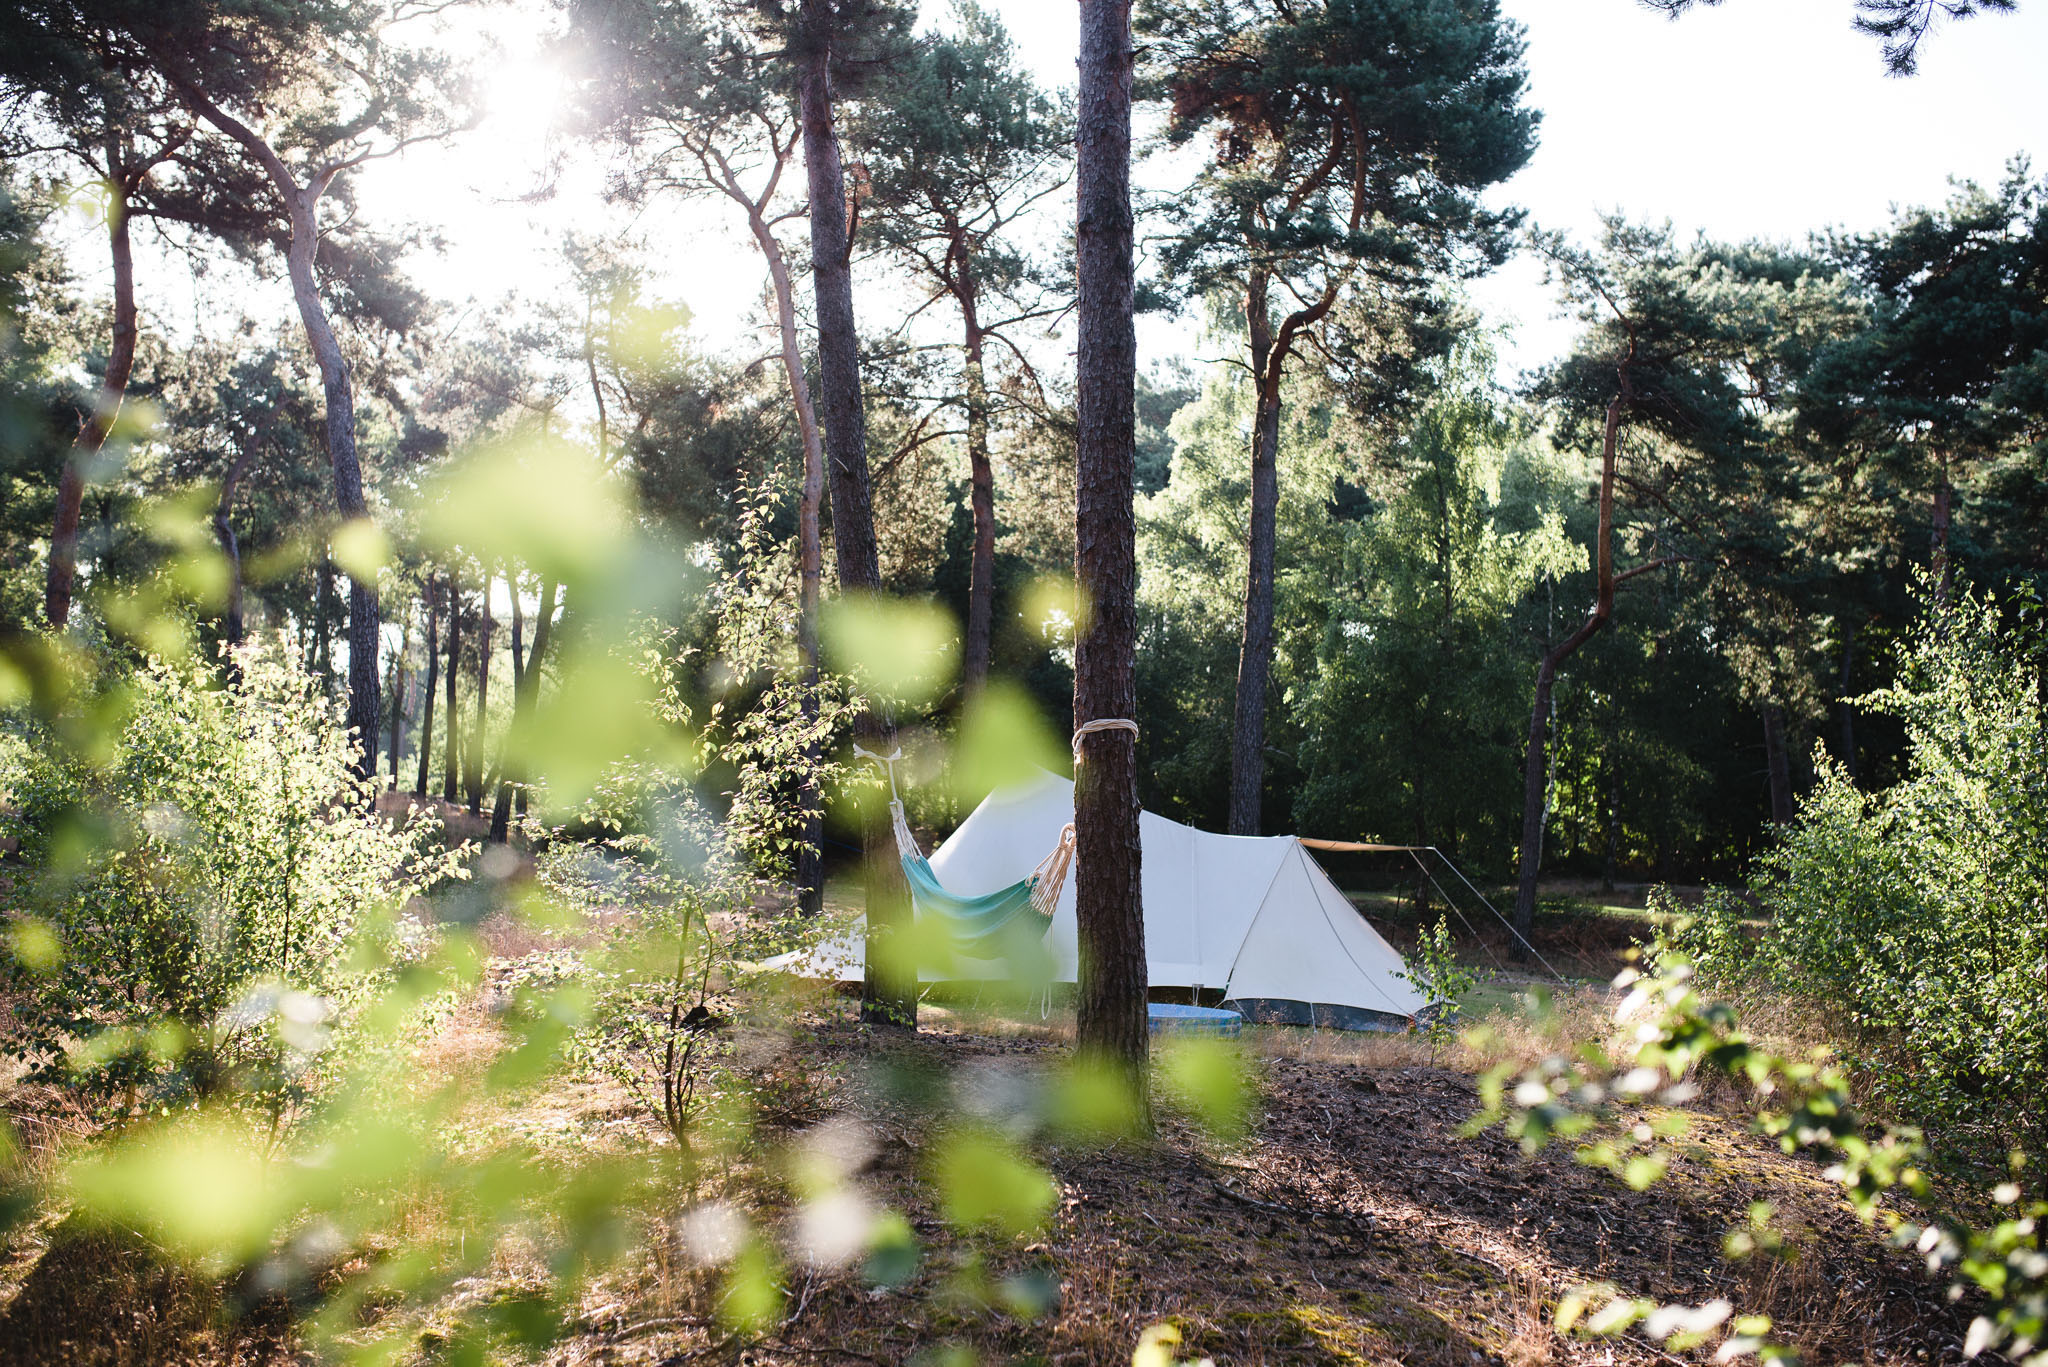 05 van 06 - prachtig mooie kampeerplekken - 5450